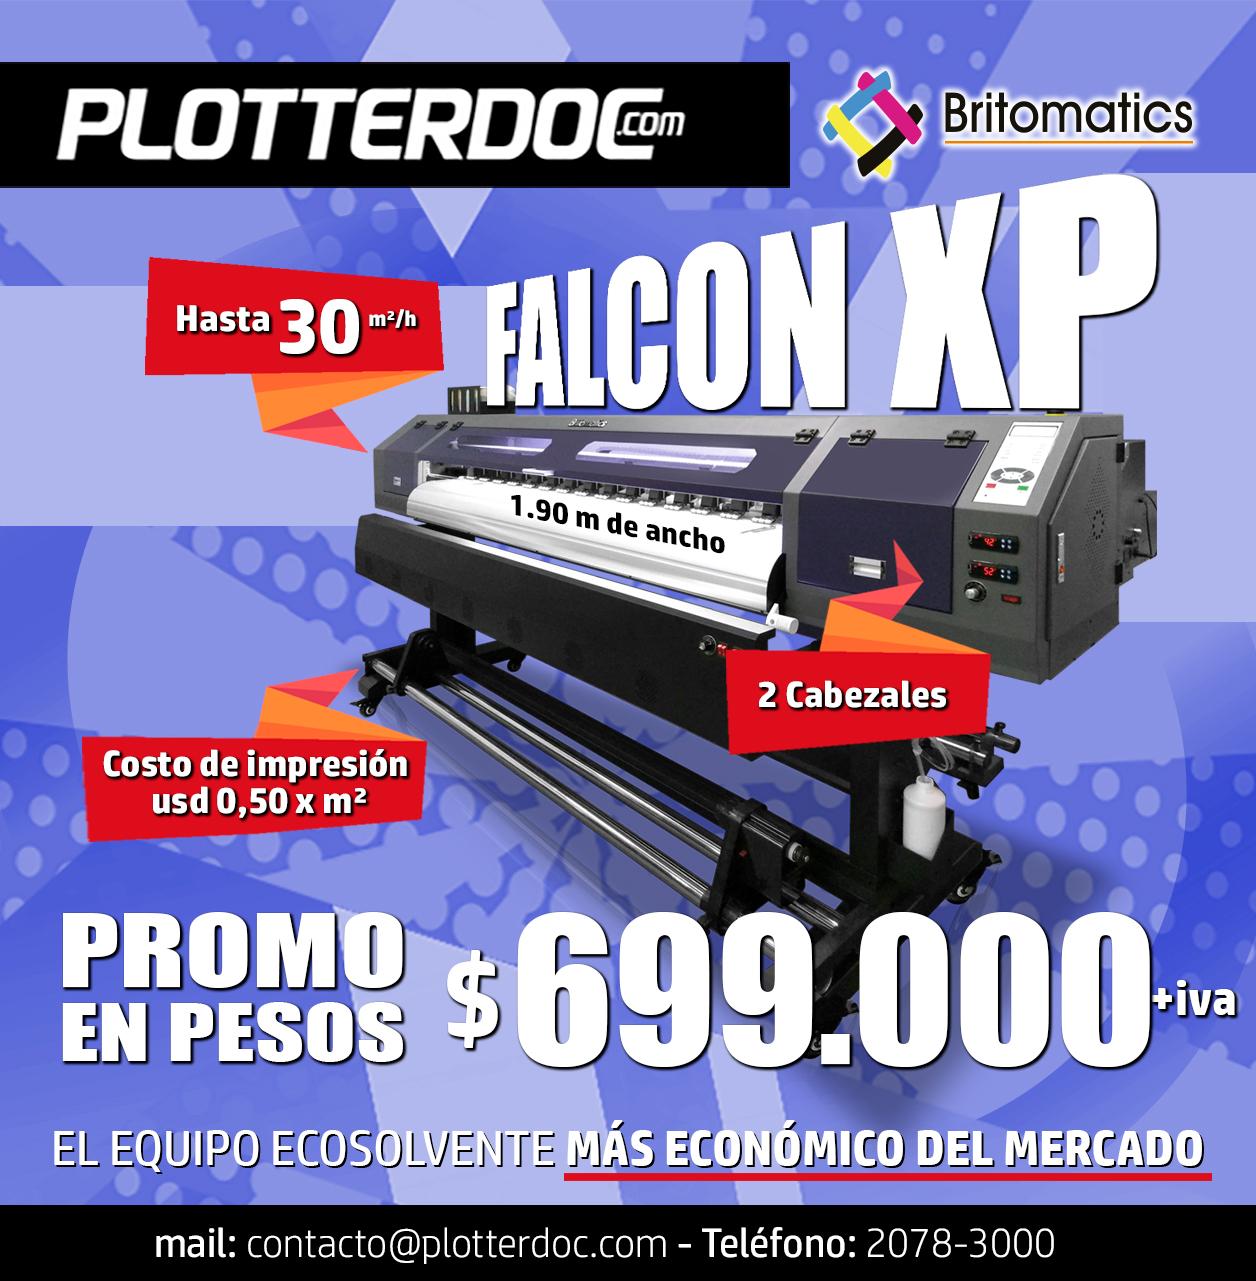 ¡La Falcon XP de Britomatics, a un precio inédito en pesos!